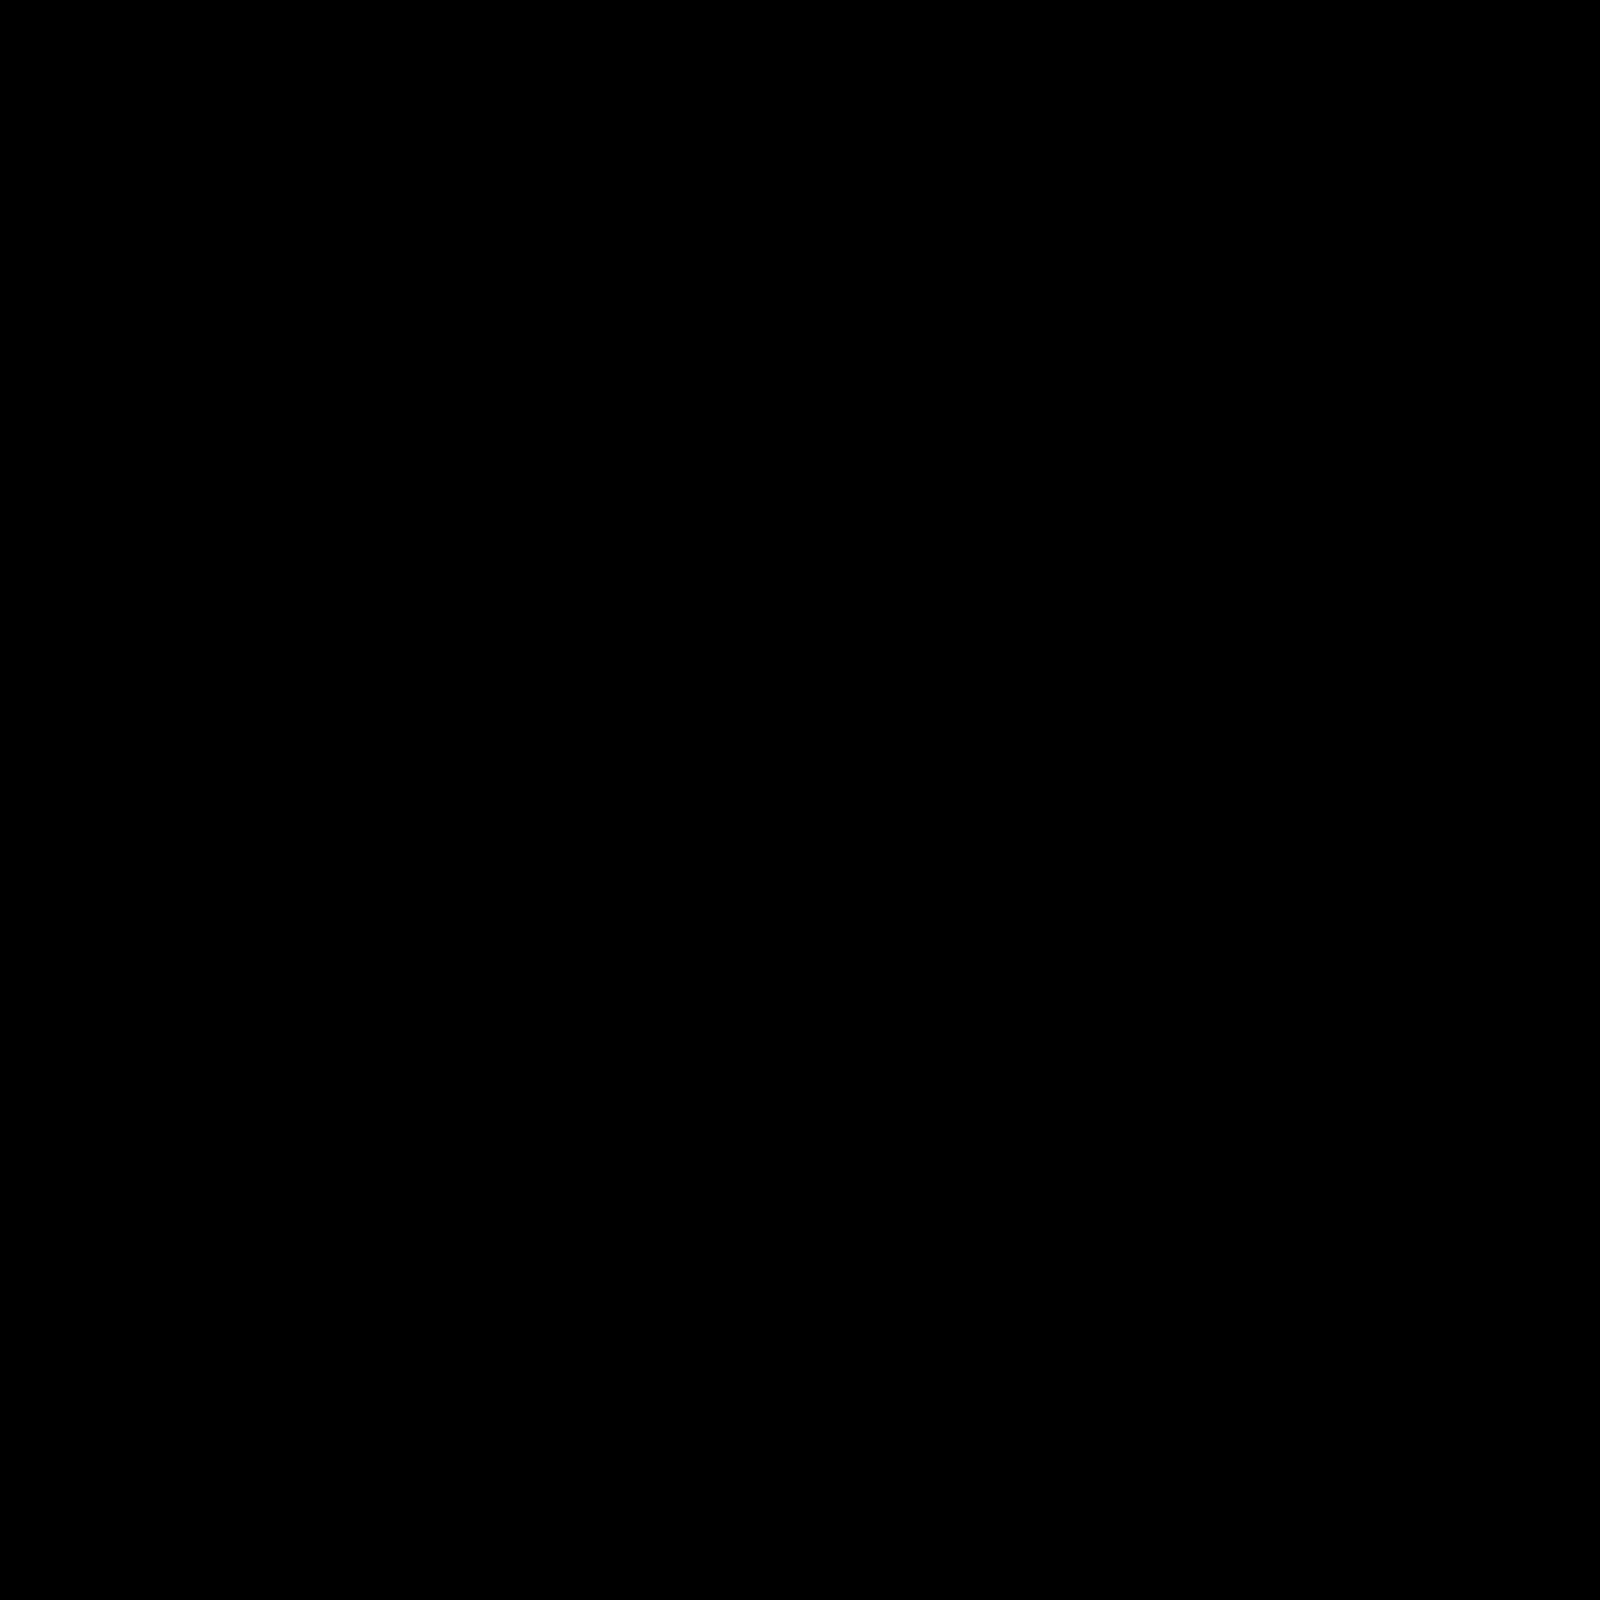 Puissance panneau solaire eclairage cabanon